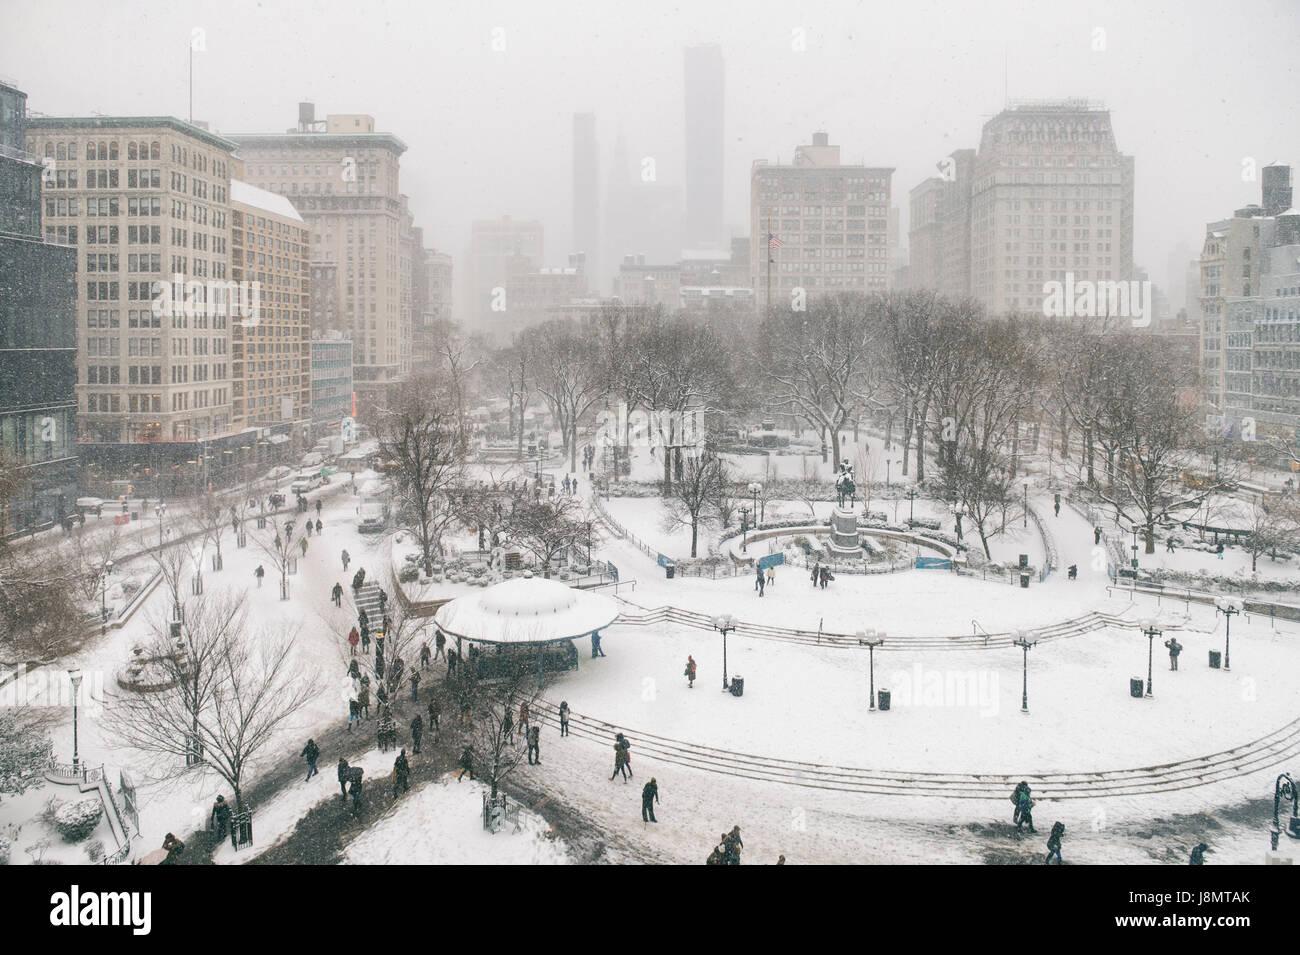 Scène d'hiver enneigé avec des pistes laissées par les piétons dans la neige dans l'Union Photo Stock